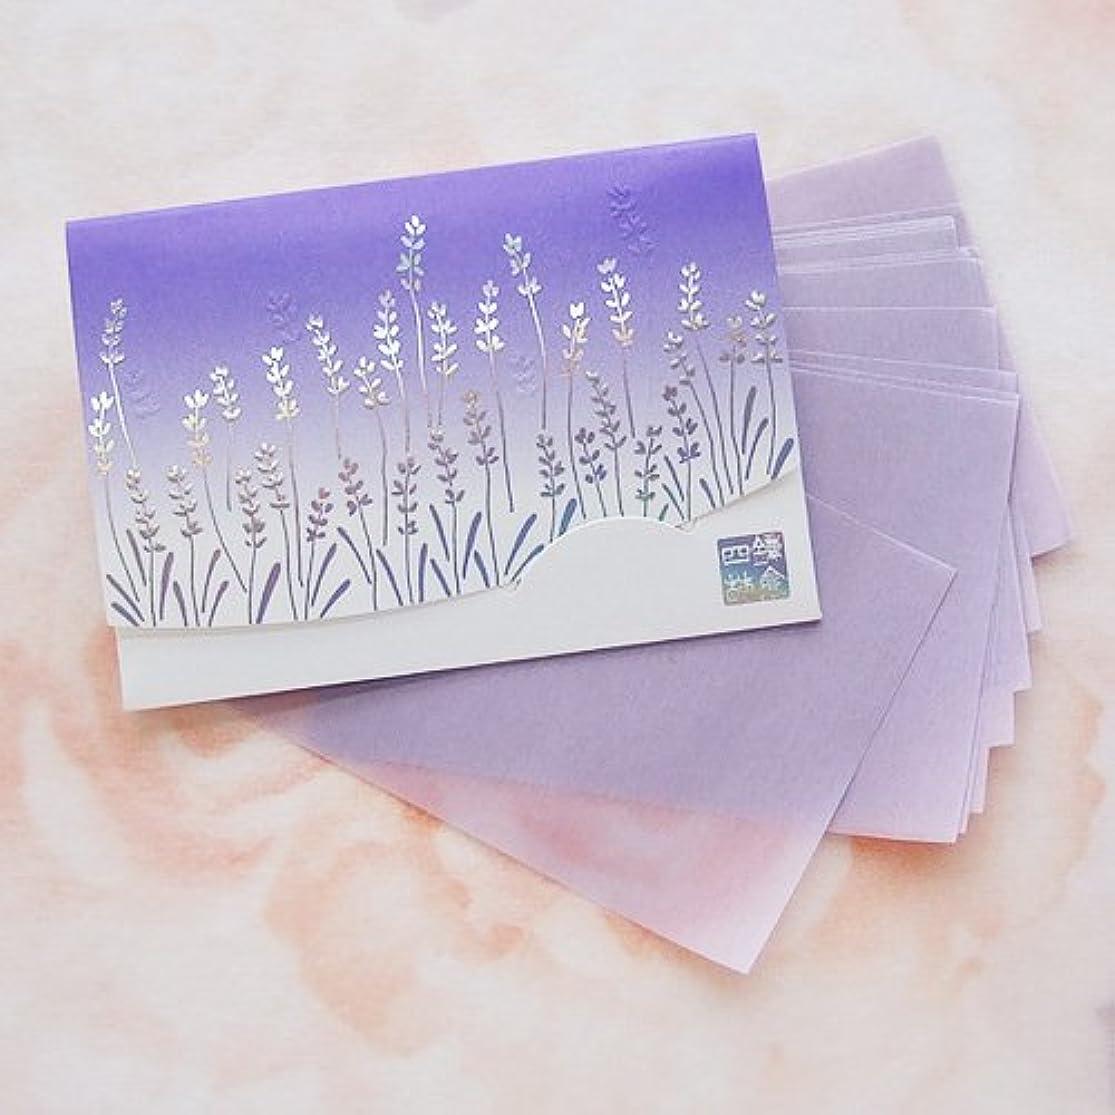 鎌倉四葩のあぶらとり紙 きらめき香りラベンダー 短冊サイズ 20枚入